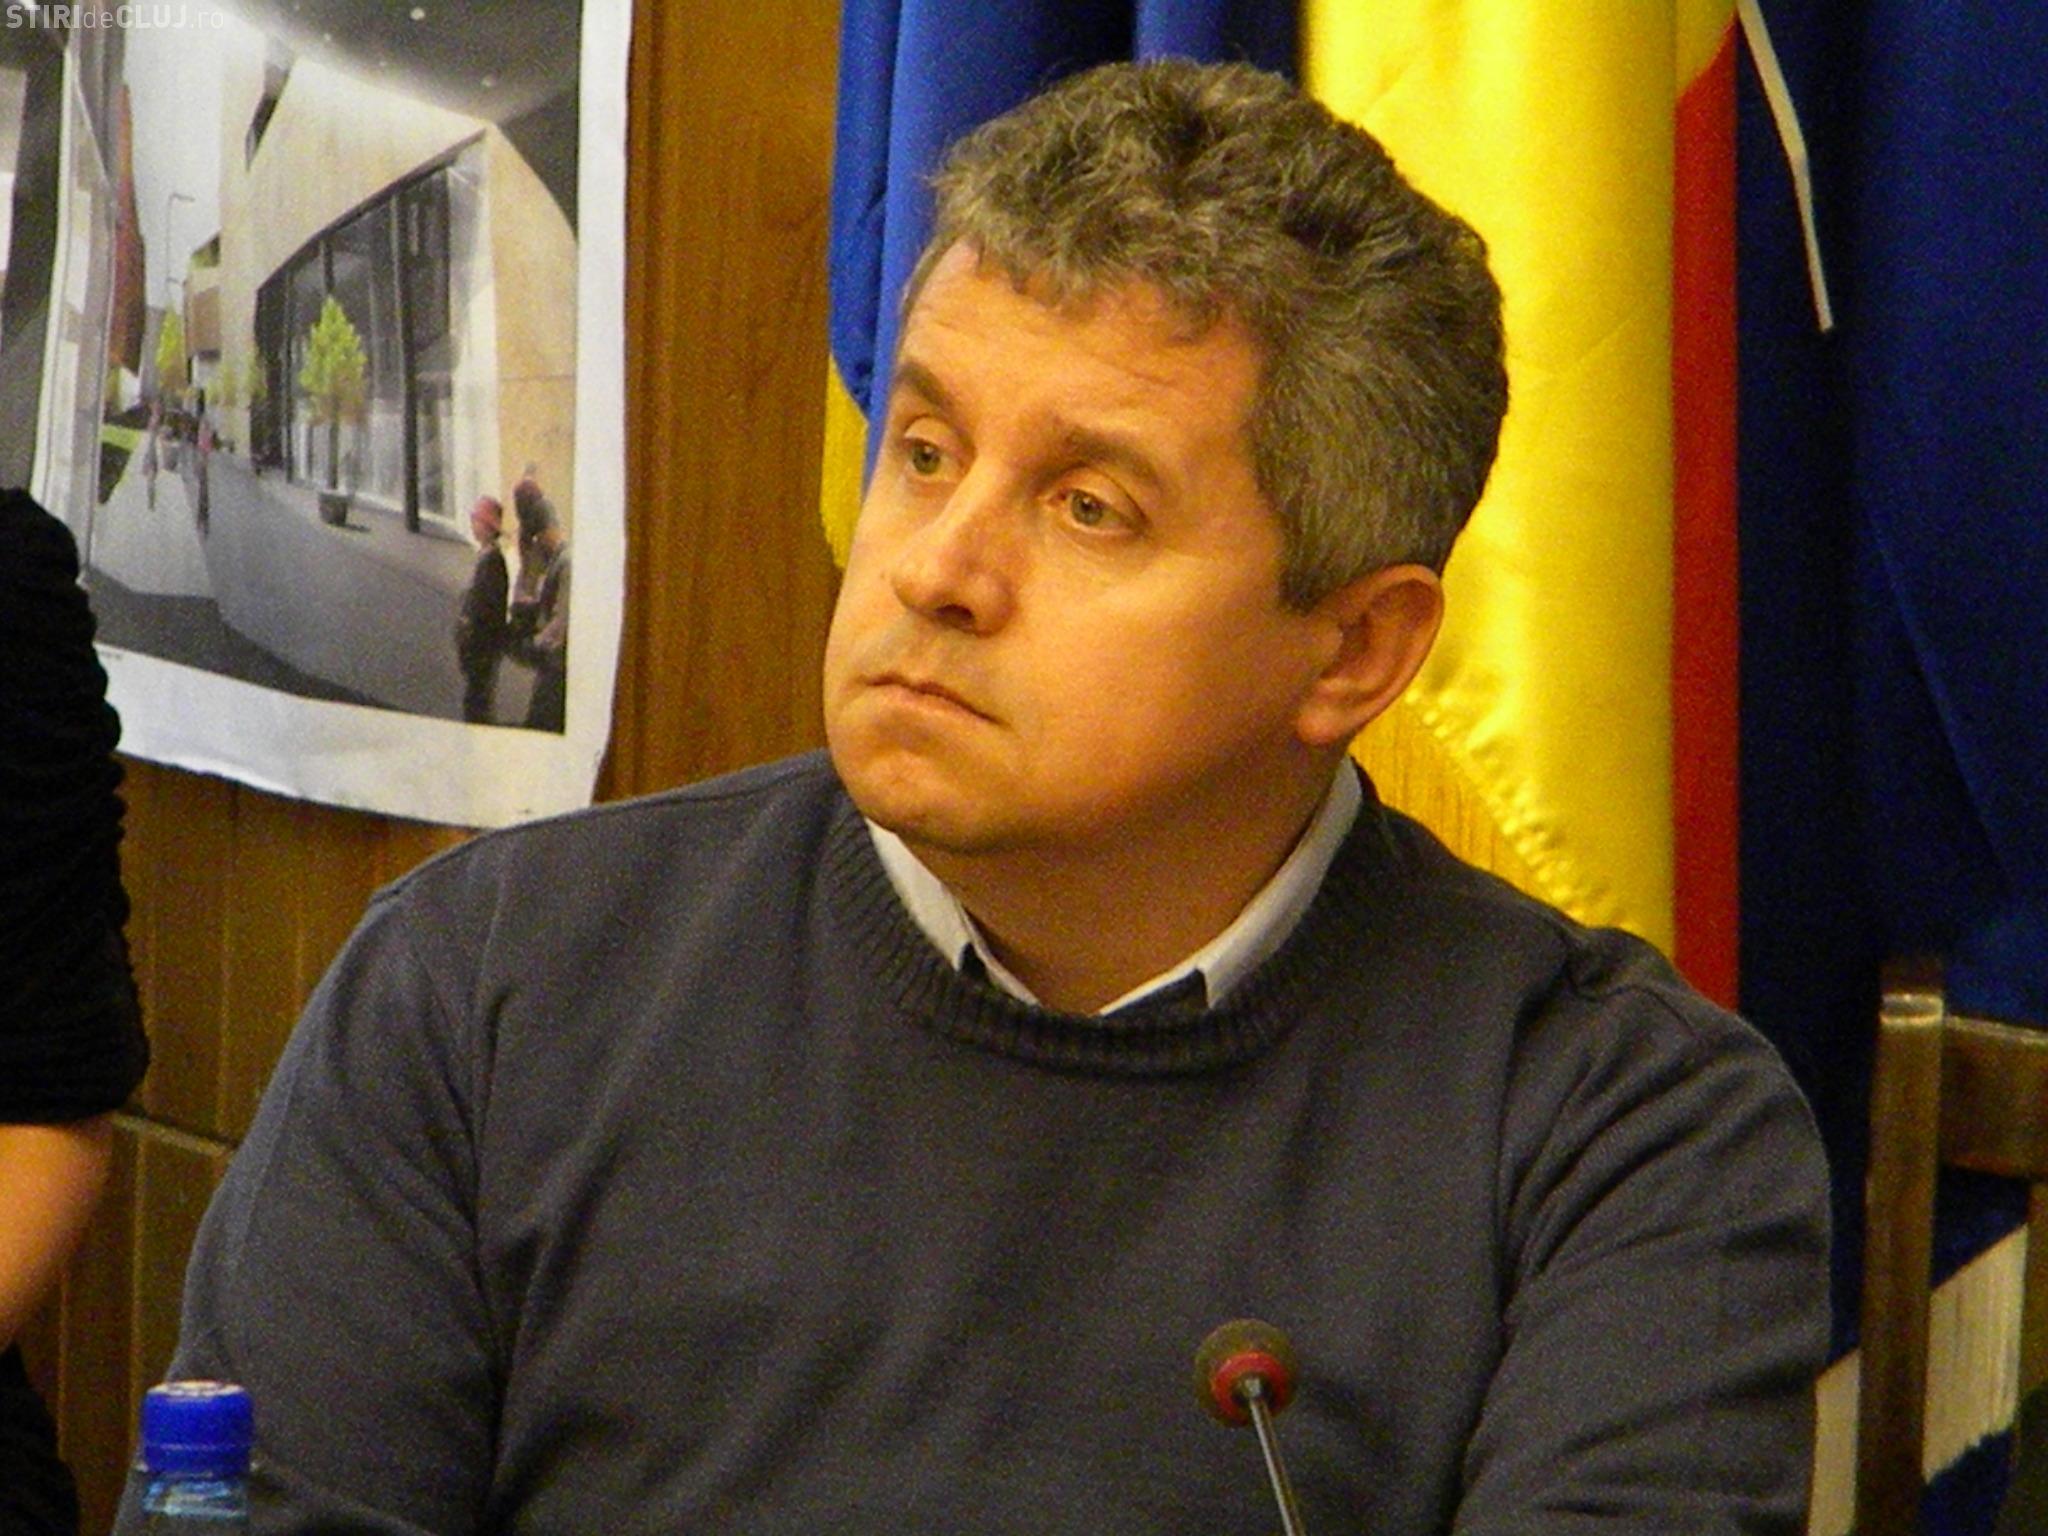 Daniel Buda, catre Sorin Bota: Sa isi ceara scuze pentru ca a cerut ca Autostrada Transilvania sa nu mai fie finantata